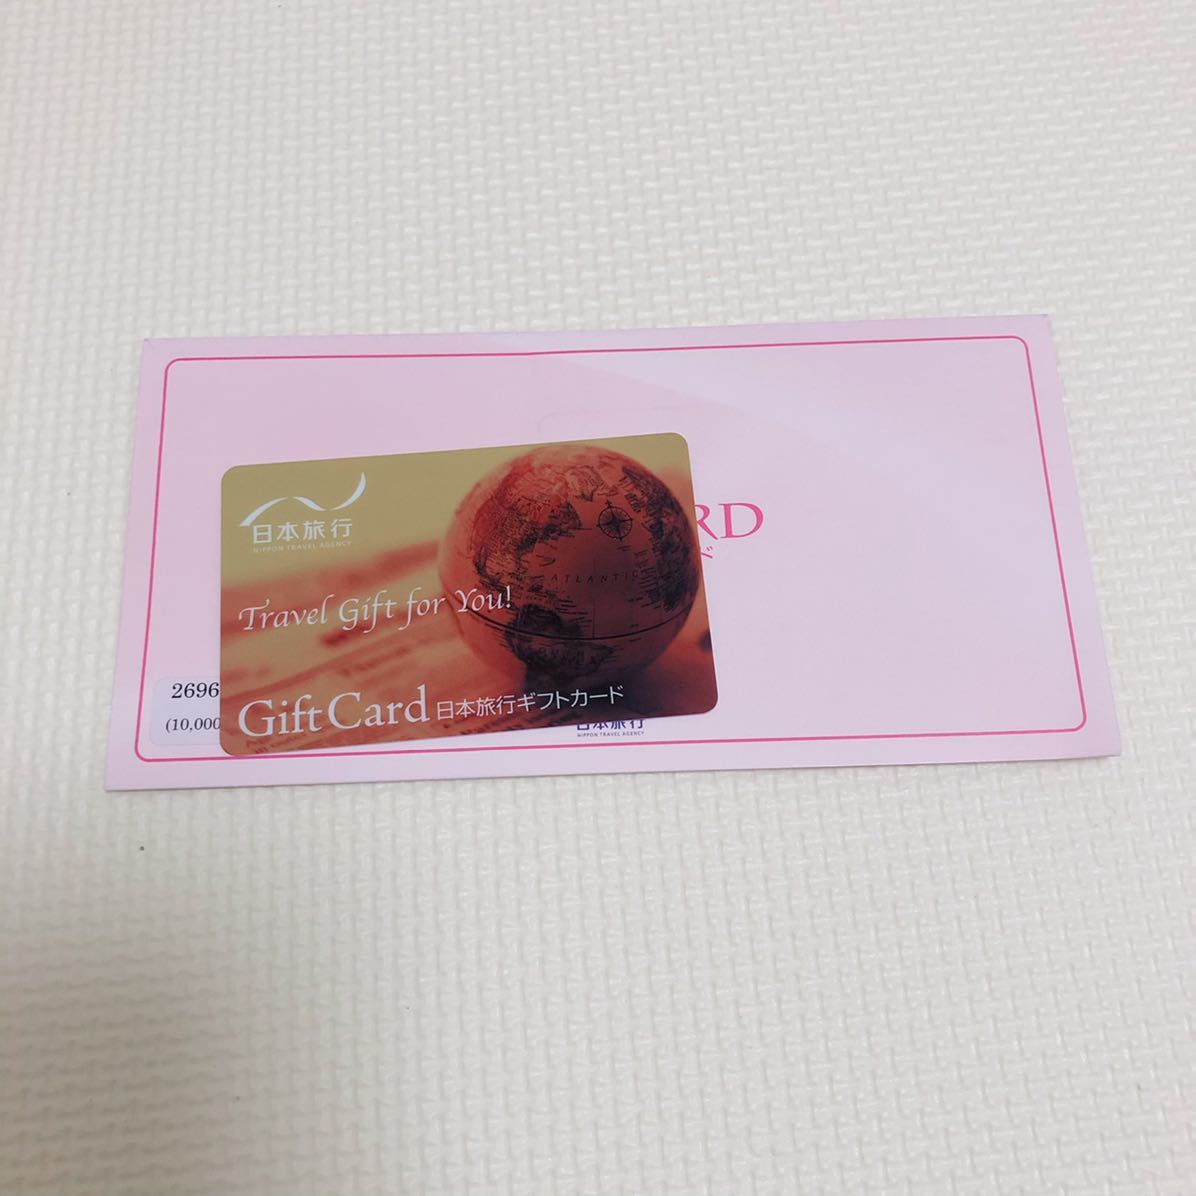 日本旅行 ギフトカード 10,000円分_画像1